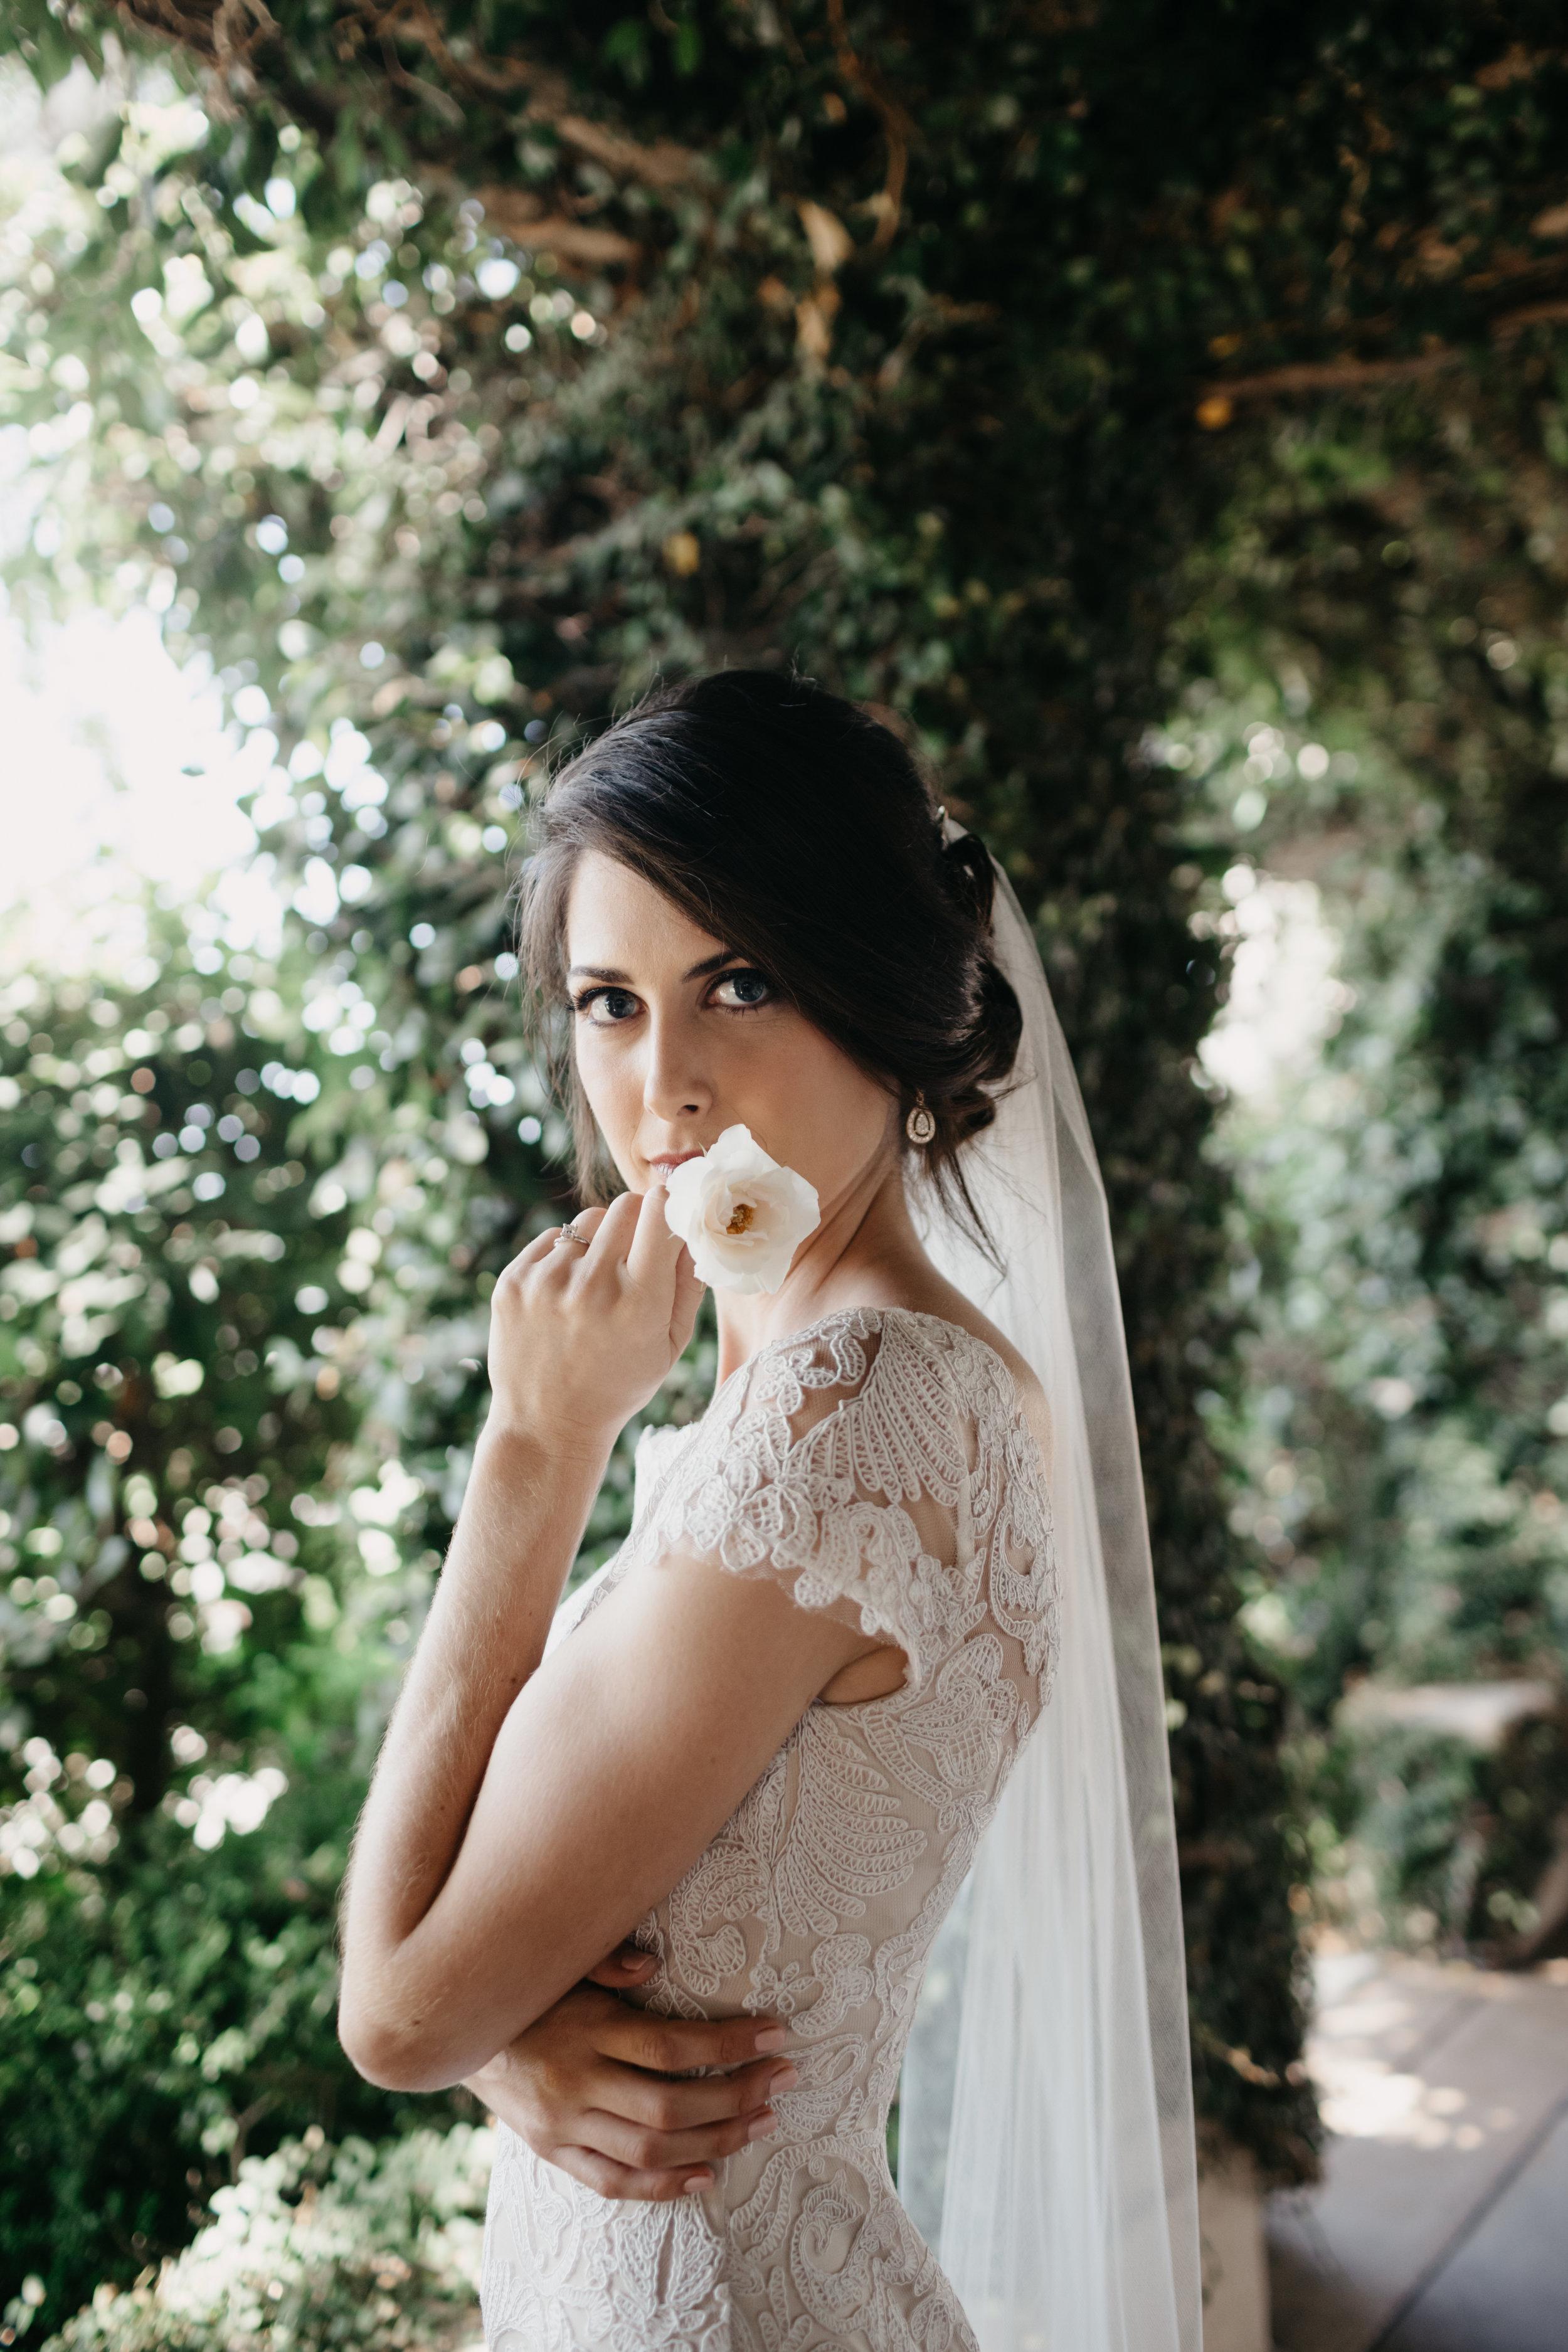 Sep.-Ungersma Wedding-409.jpg